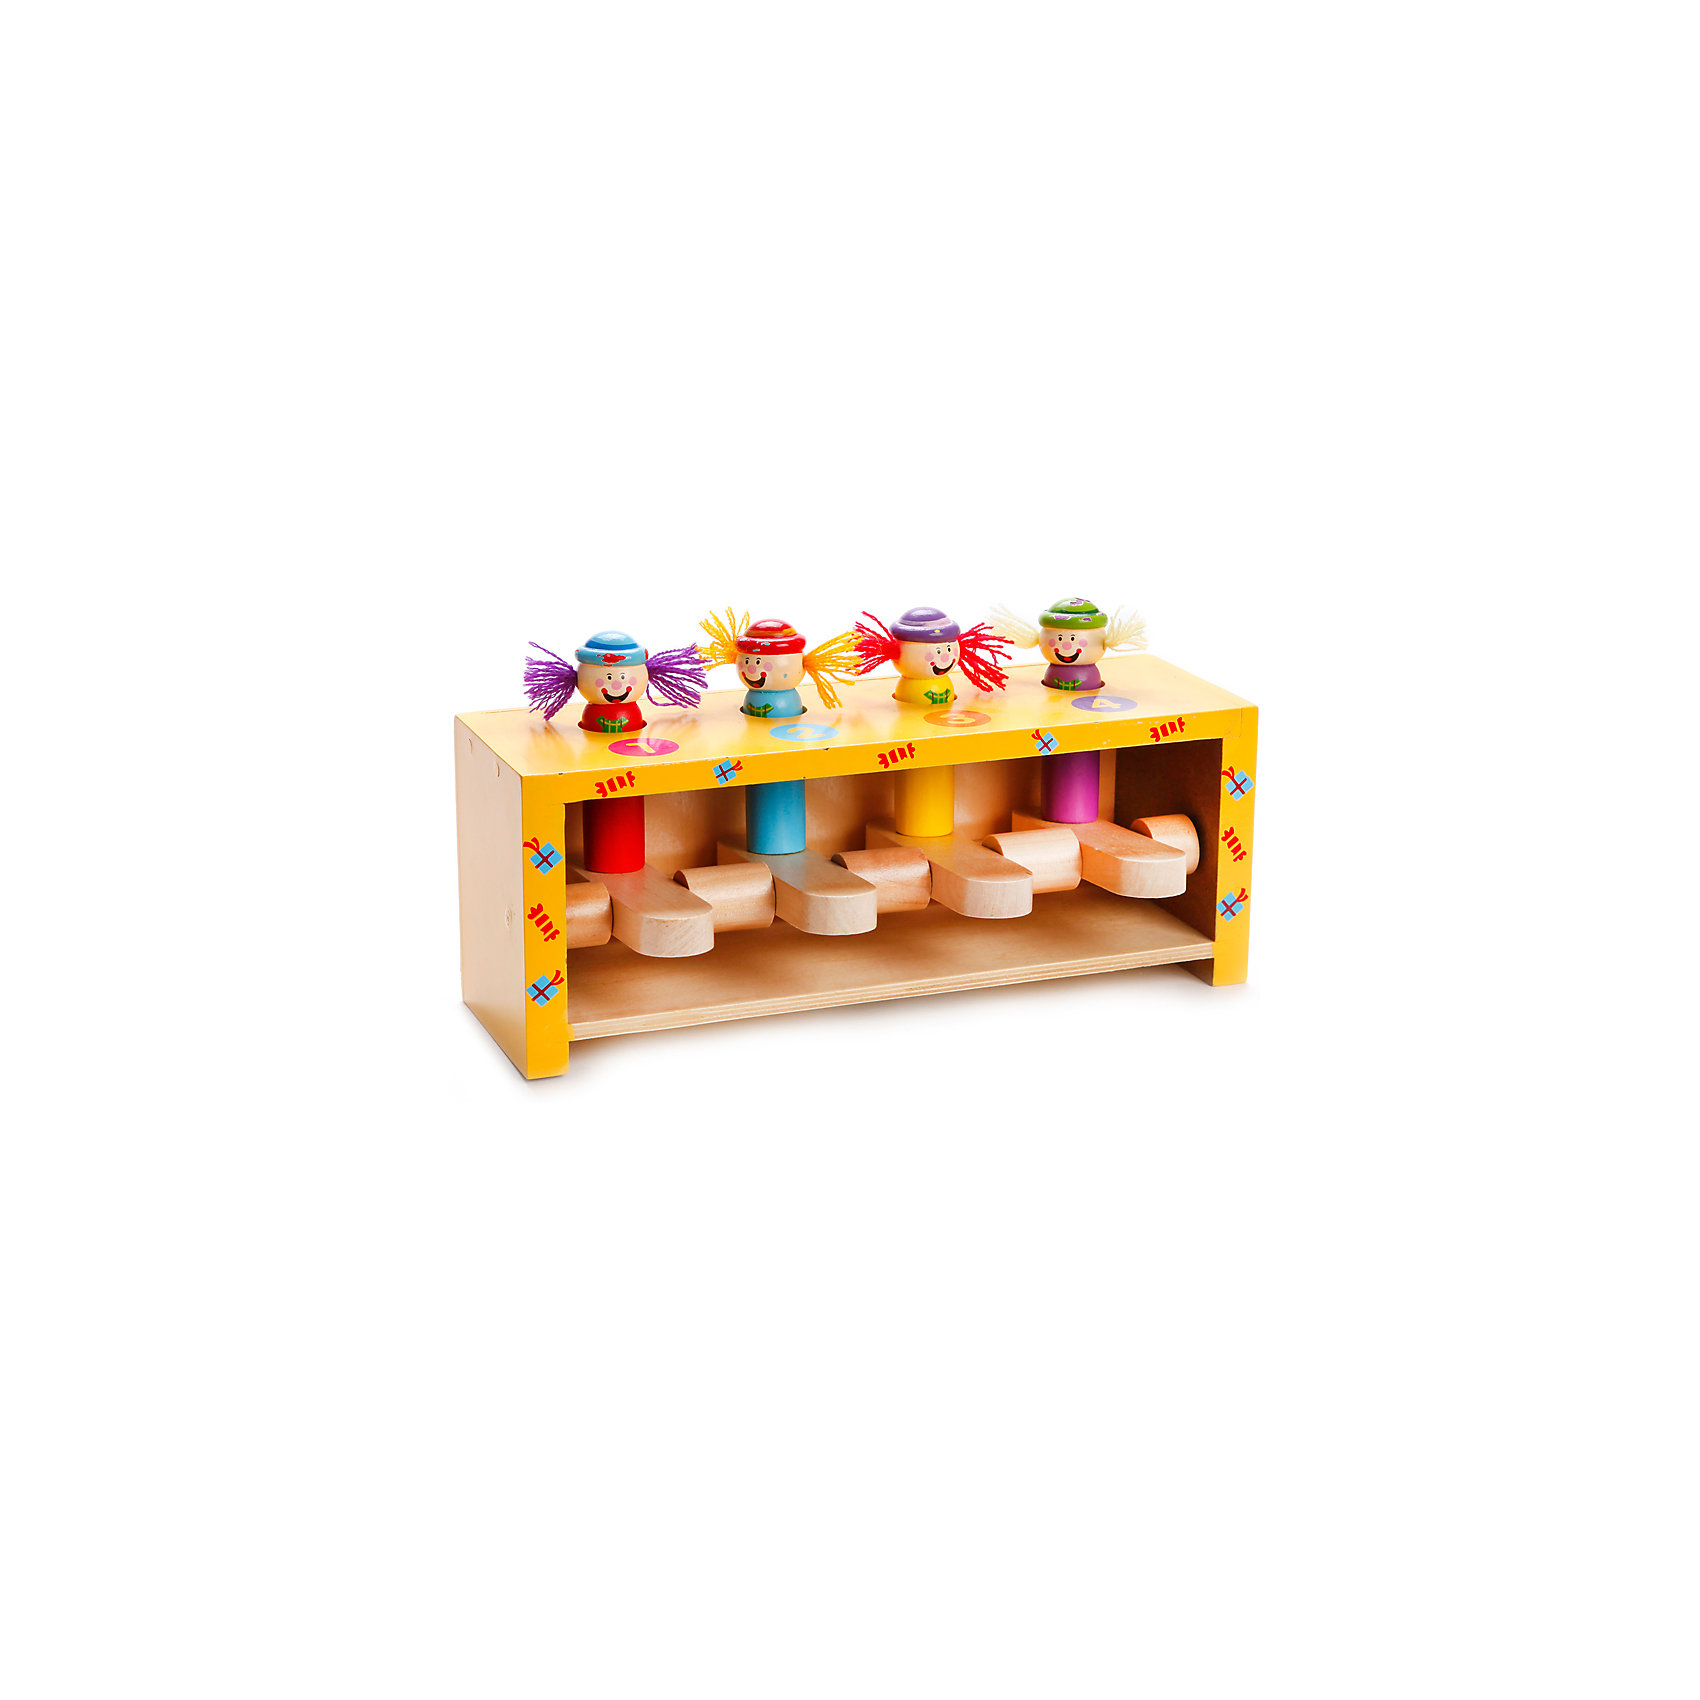 Набор с молоточком Прыгающие клоуны, MapachaИгрушки для малышей<br>Набор с молоточком Прыгающие клоуны от популярного бренда развивающих детских товаров Mapacha (Мапача) придет малышу по вкусу и привнесет разнообразие в привычный арсенал игрушек. Набор представляет собой небольшой ящичек размером 23 * 7 * 8,5 см. с клавишами и отверстиями. В отверстия вставляются четыре забавные фигурки клоуна, если ударить молоточком по клавише один клоун вылетит из ящичка. Задача ребенка – выбить всех клоунов из ящичка. Этот набор изготовлен из экологически чистого и натурального материала – дерева, отлично отшлифован и окрашен в яркие цвета.<br> <br>Дополнительная информация:<br><br>- В комплект входит: ящичек, 4 клоуна, молоточек<br>- Материал: дерево<br>- Размер: 23 * 7 * 8,5 см. <br><br>Набор с молоточком Прыгающие клоуны, Mapacha (Мапача) можно купить в нашем интернет-магазине.<br><br>Подробнее:<br>• Для детей в возрасте: от 1,5 лет<br>• Номер товара: 4925556<br>Страна производитель: Российская Федерация<br><br>Ширина мм: 240<br>Глубина мм: 100<br>Высота мм: 95<br>Вес г: 1354<br>Возраст от месяцев: 12<br>Возраст до месяцев: 48<br>Пол: Унисекс<br>Возраст: Детский<br>SKU: 4925556